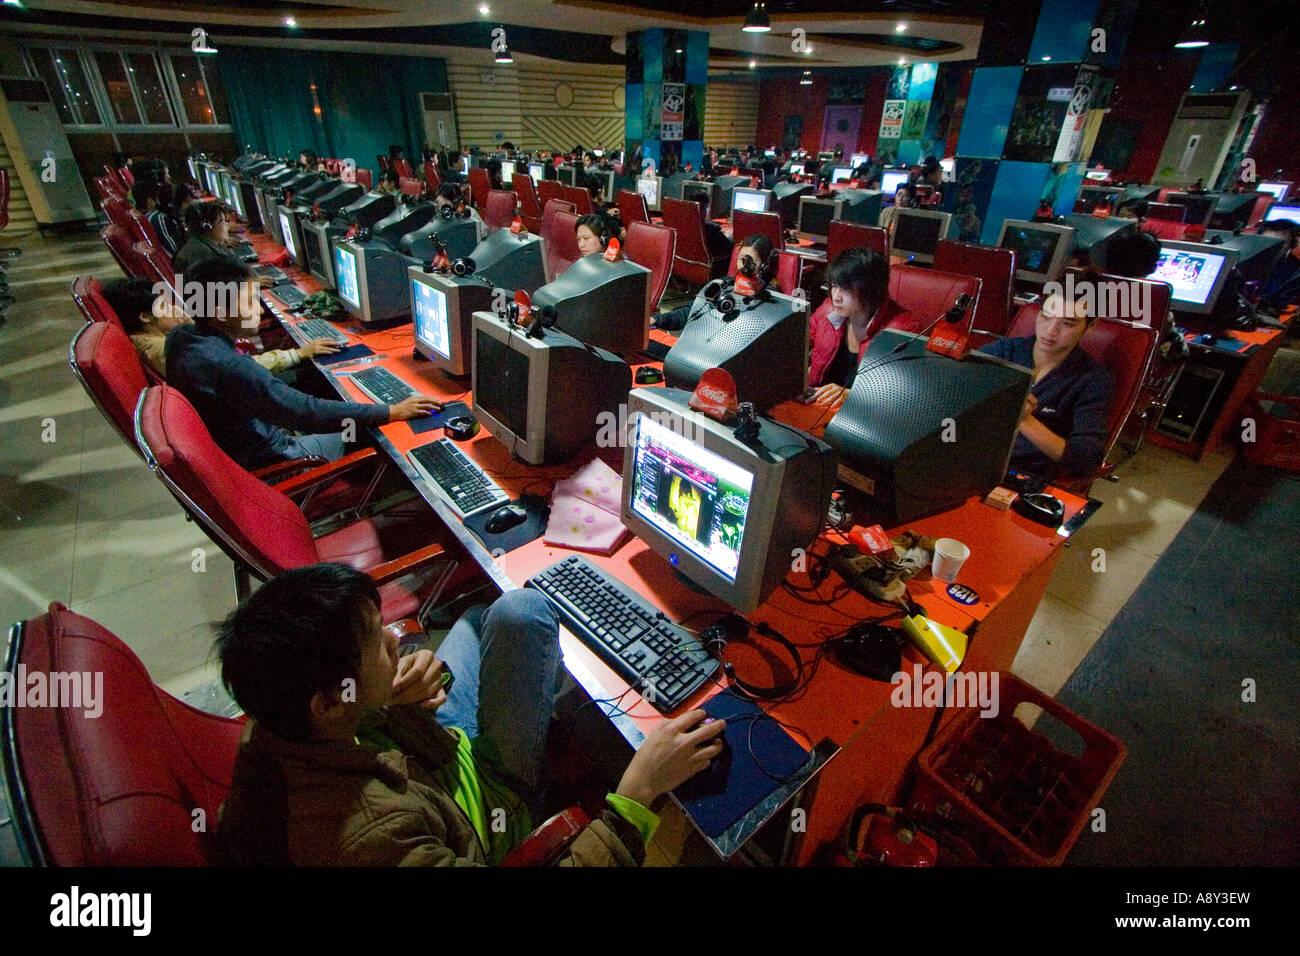 Chinese internet gambling stocks free online bingo games no deposit